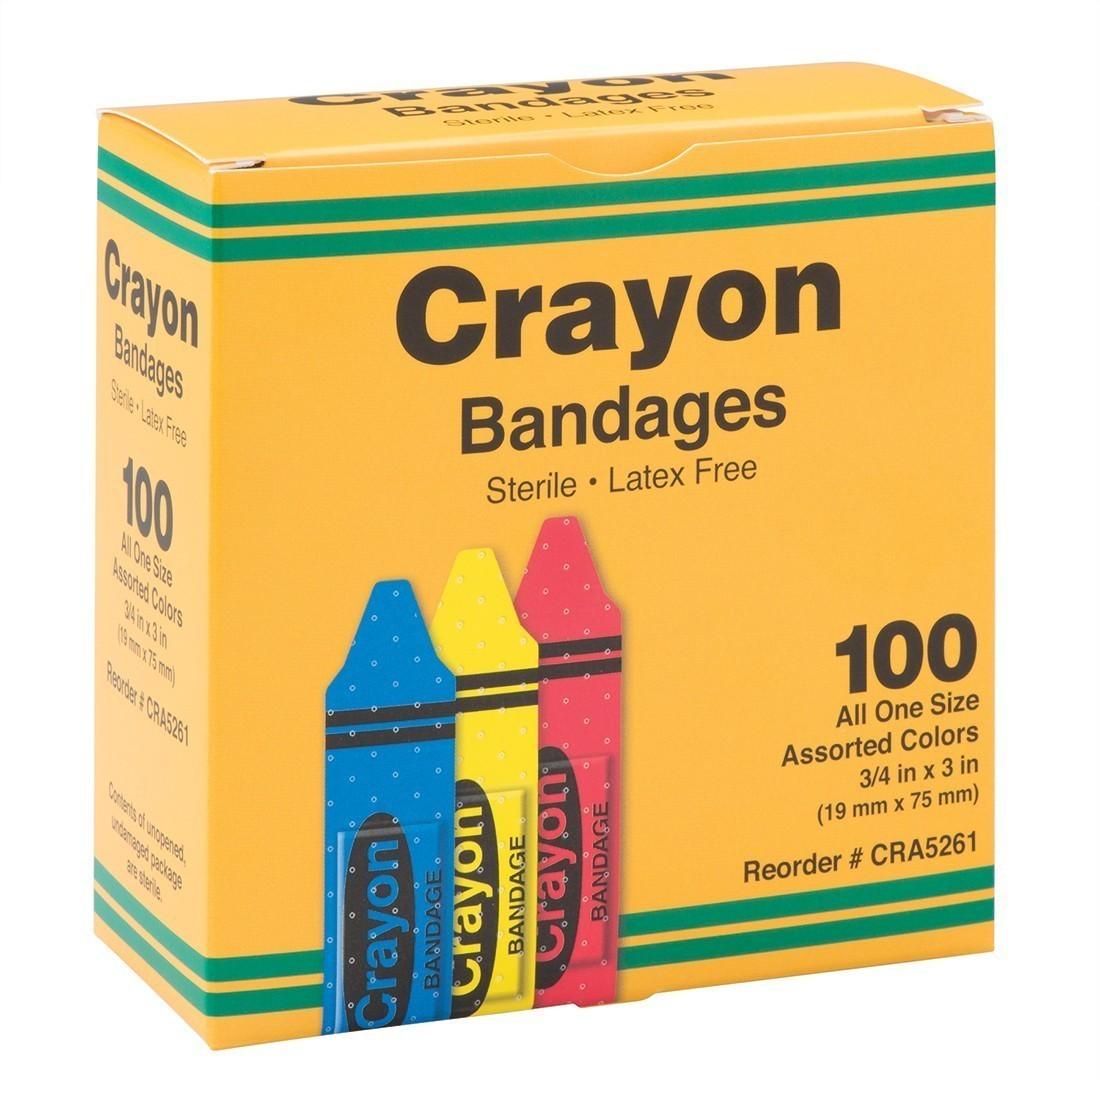 Crayon Bandages [image]